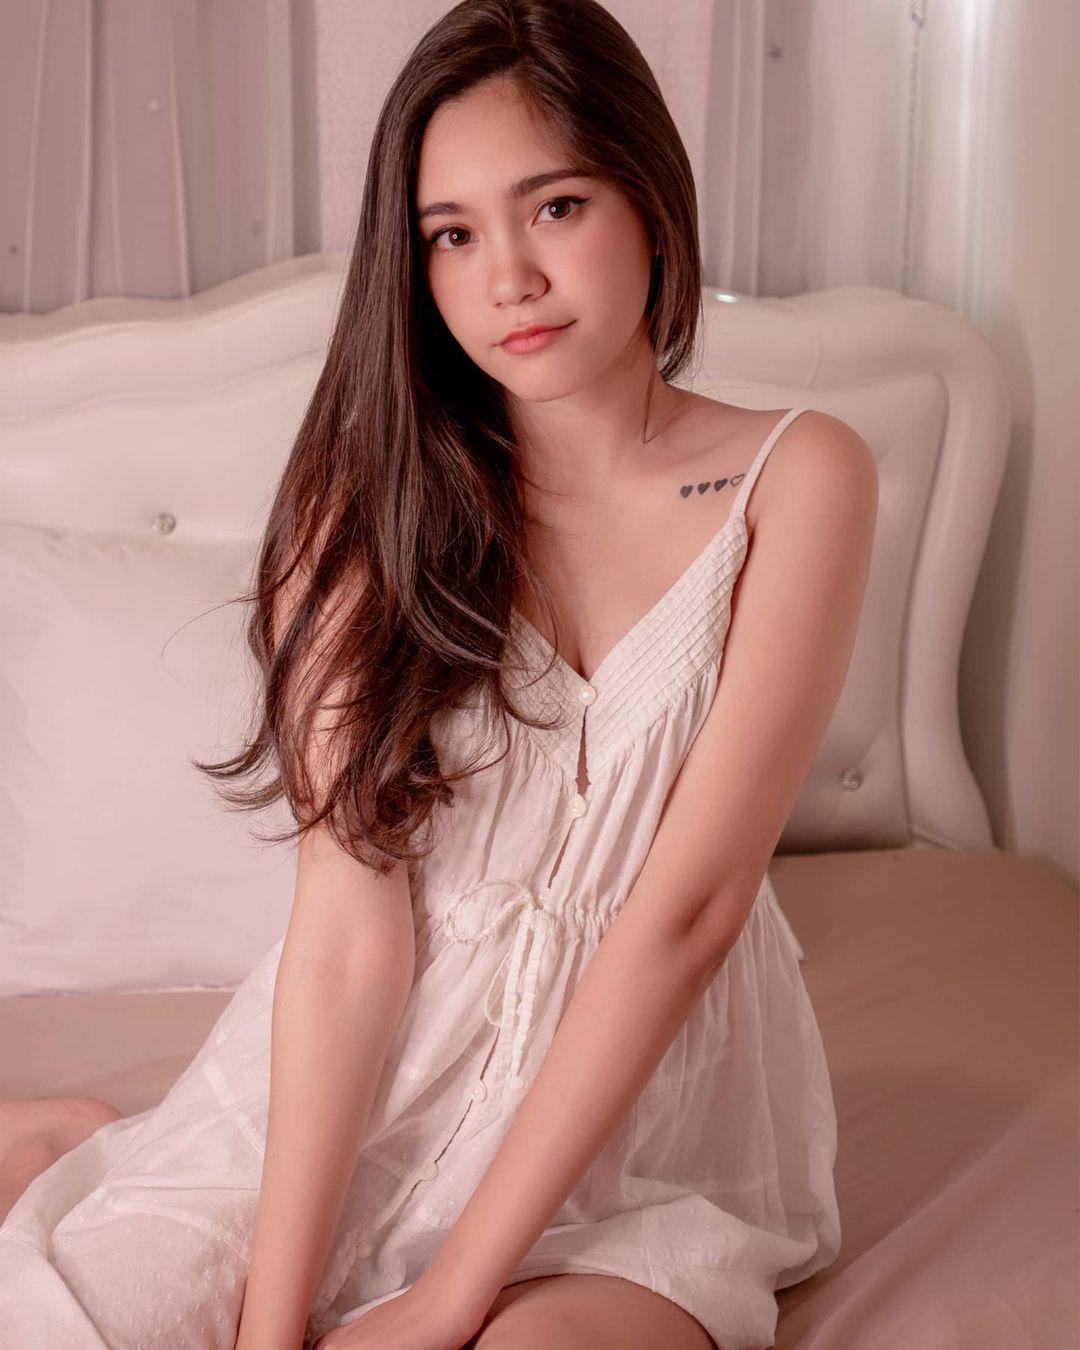 混血正妹[Bella]甜美性感完美融为一体无辜大眼加姿态好撩人 养眼图片 第11张